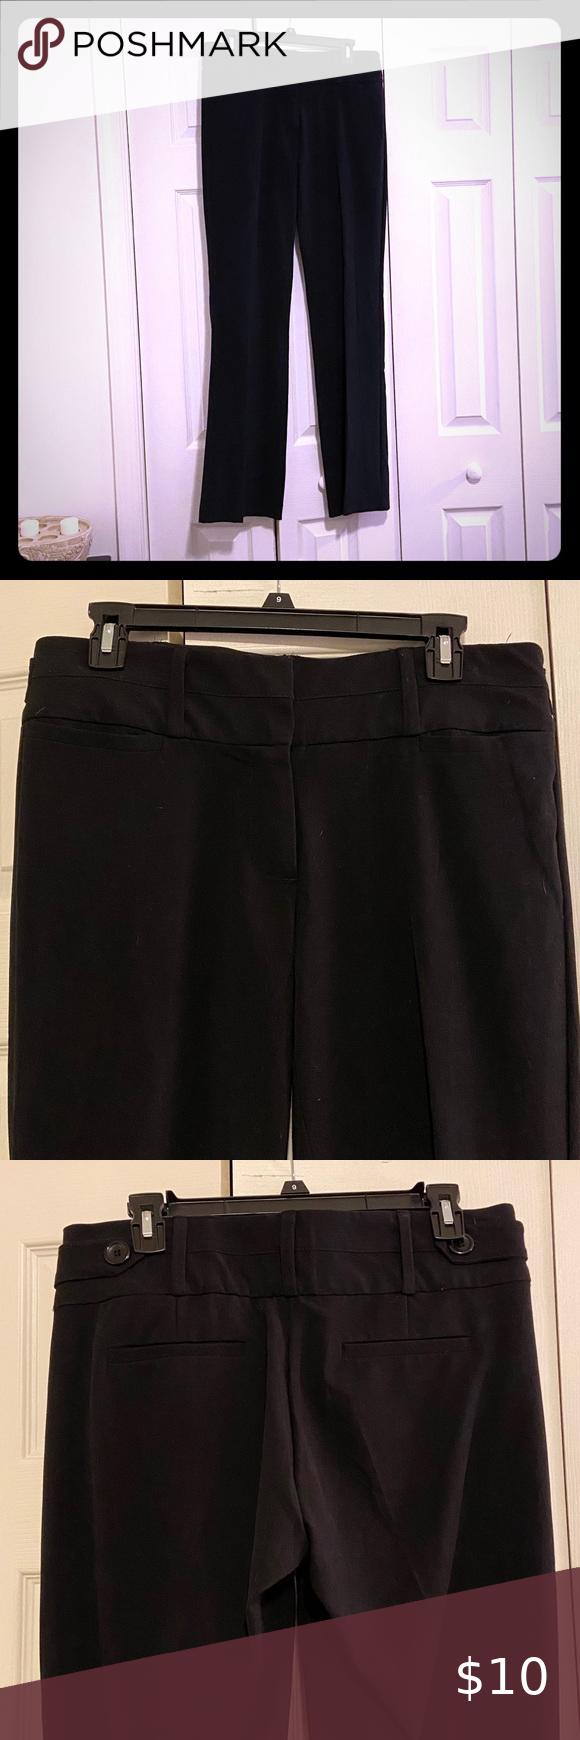 Memoir Women S Dress Pants Black Size 9 Dress Pants Trouser Pants Women Black Pants [ 1740 x 580 Pixel ]